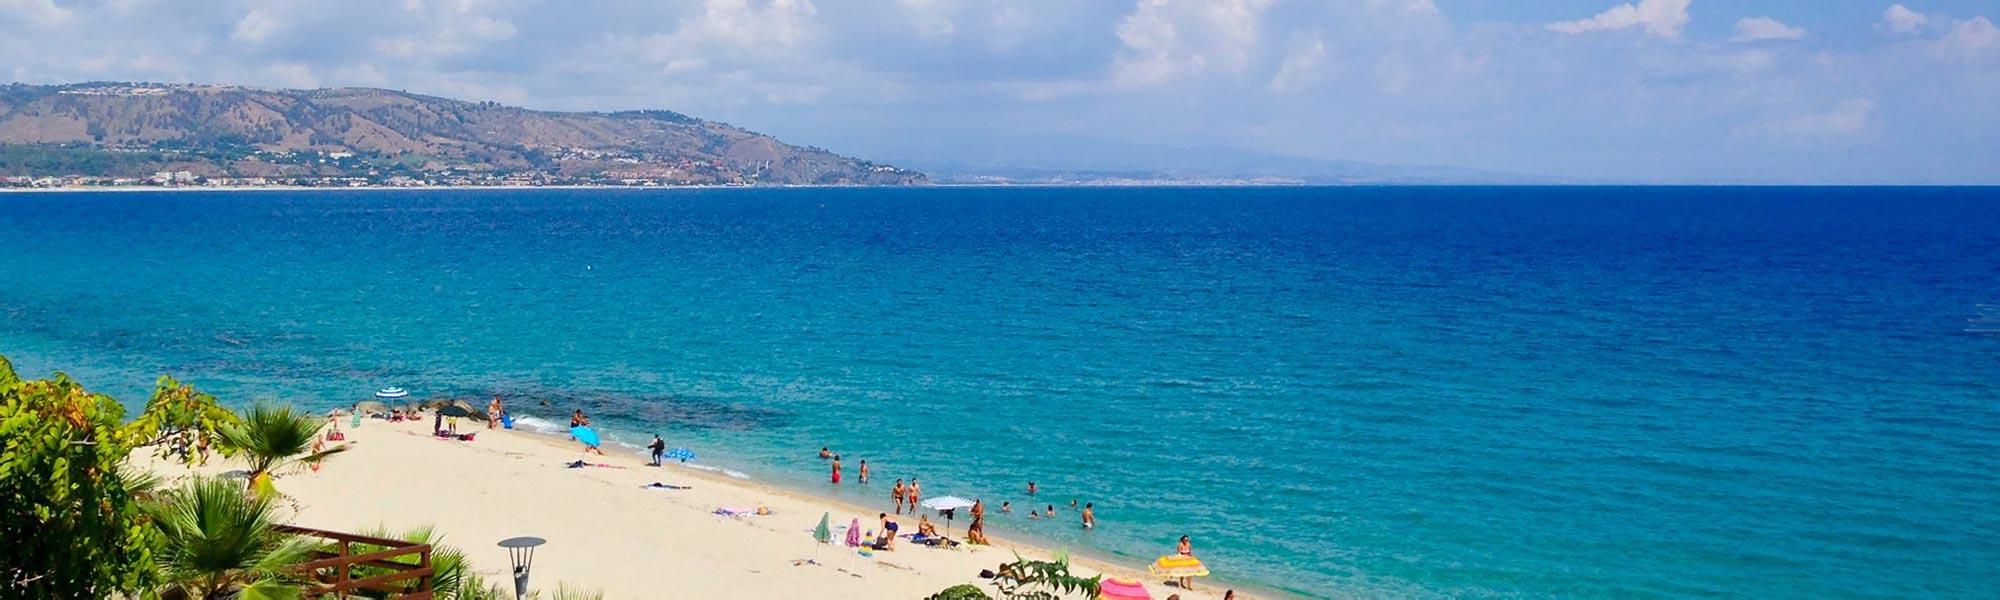 Matrimonio Spiaggia Soverato : Special offers and last minute hotel soverato italy